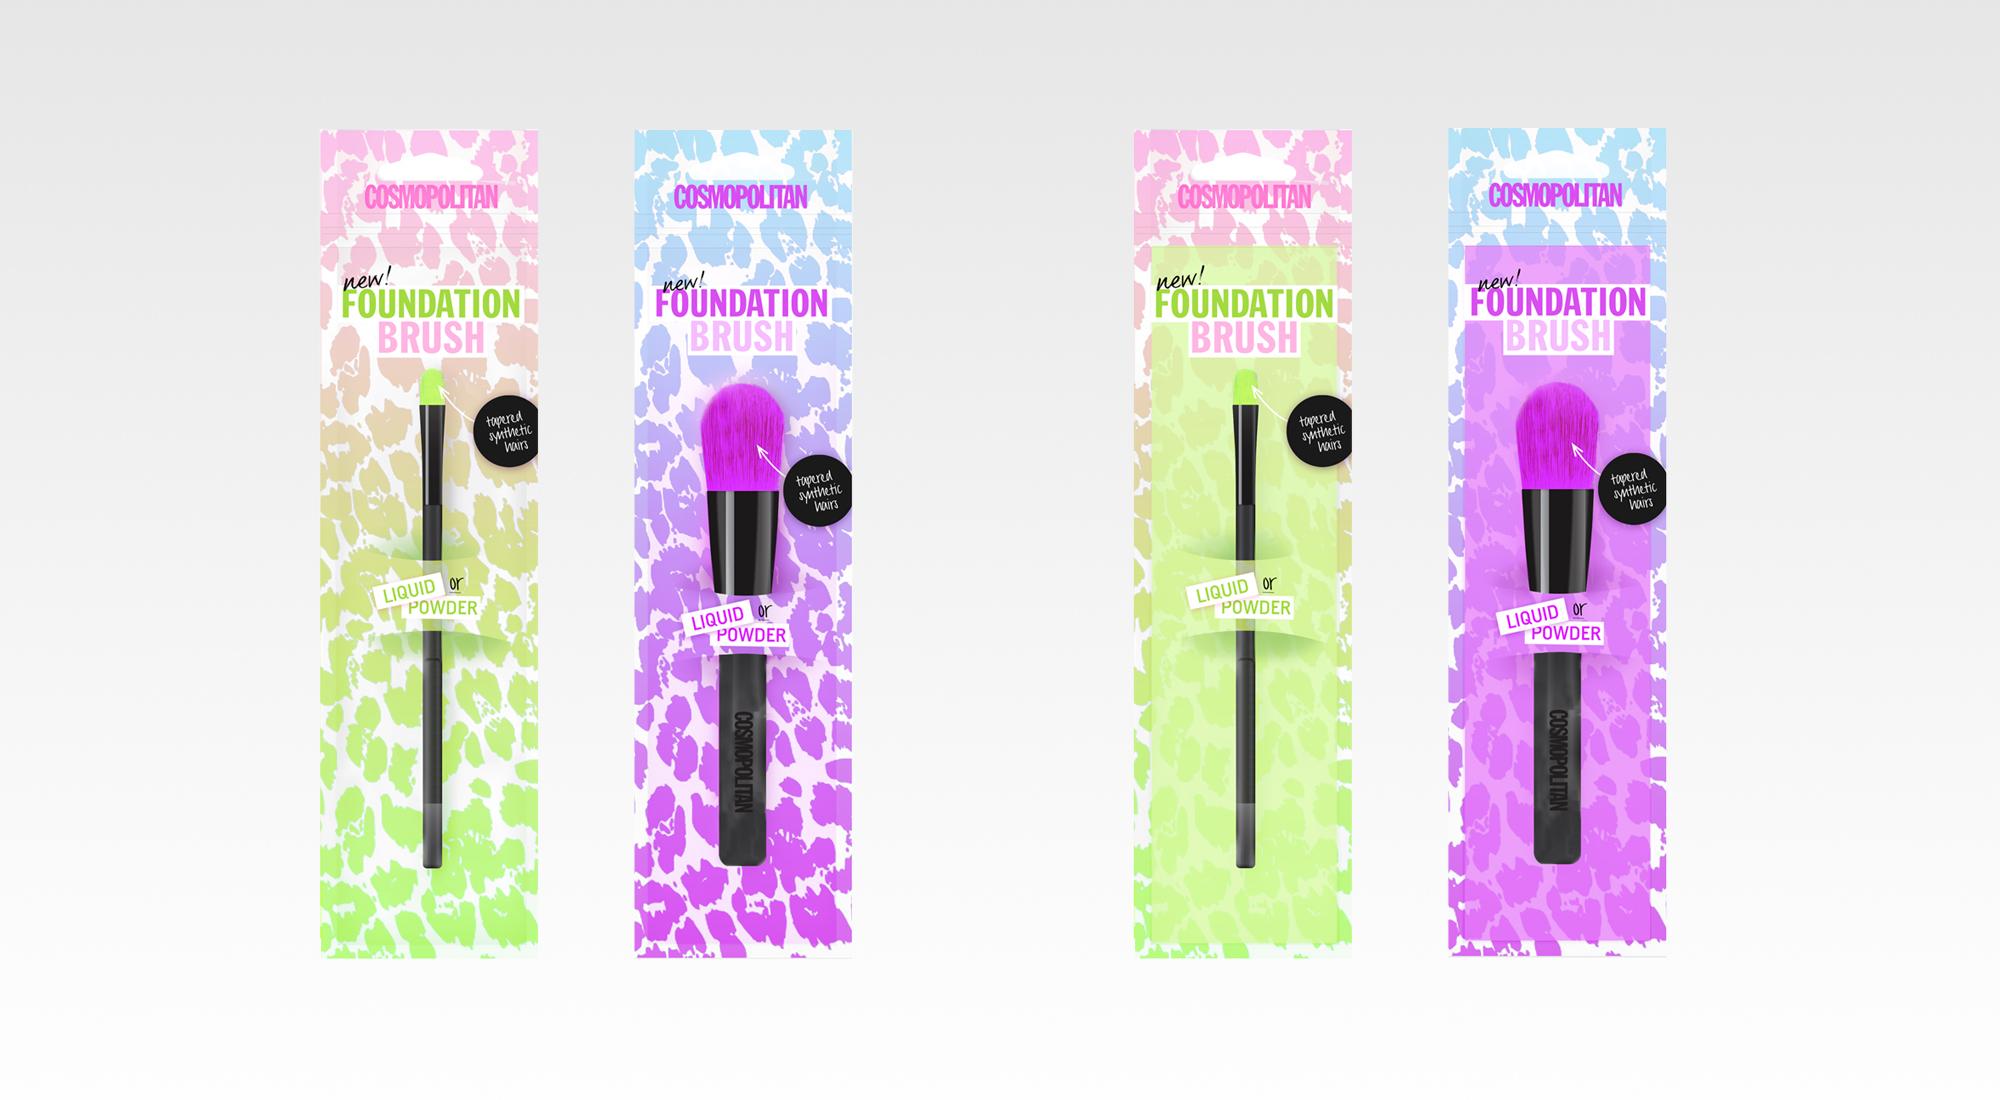 003_Packaging.jpg